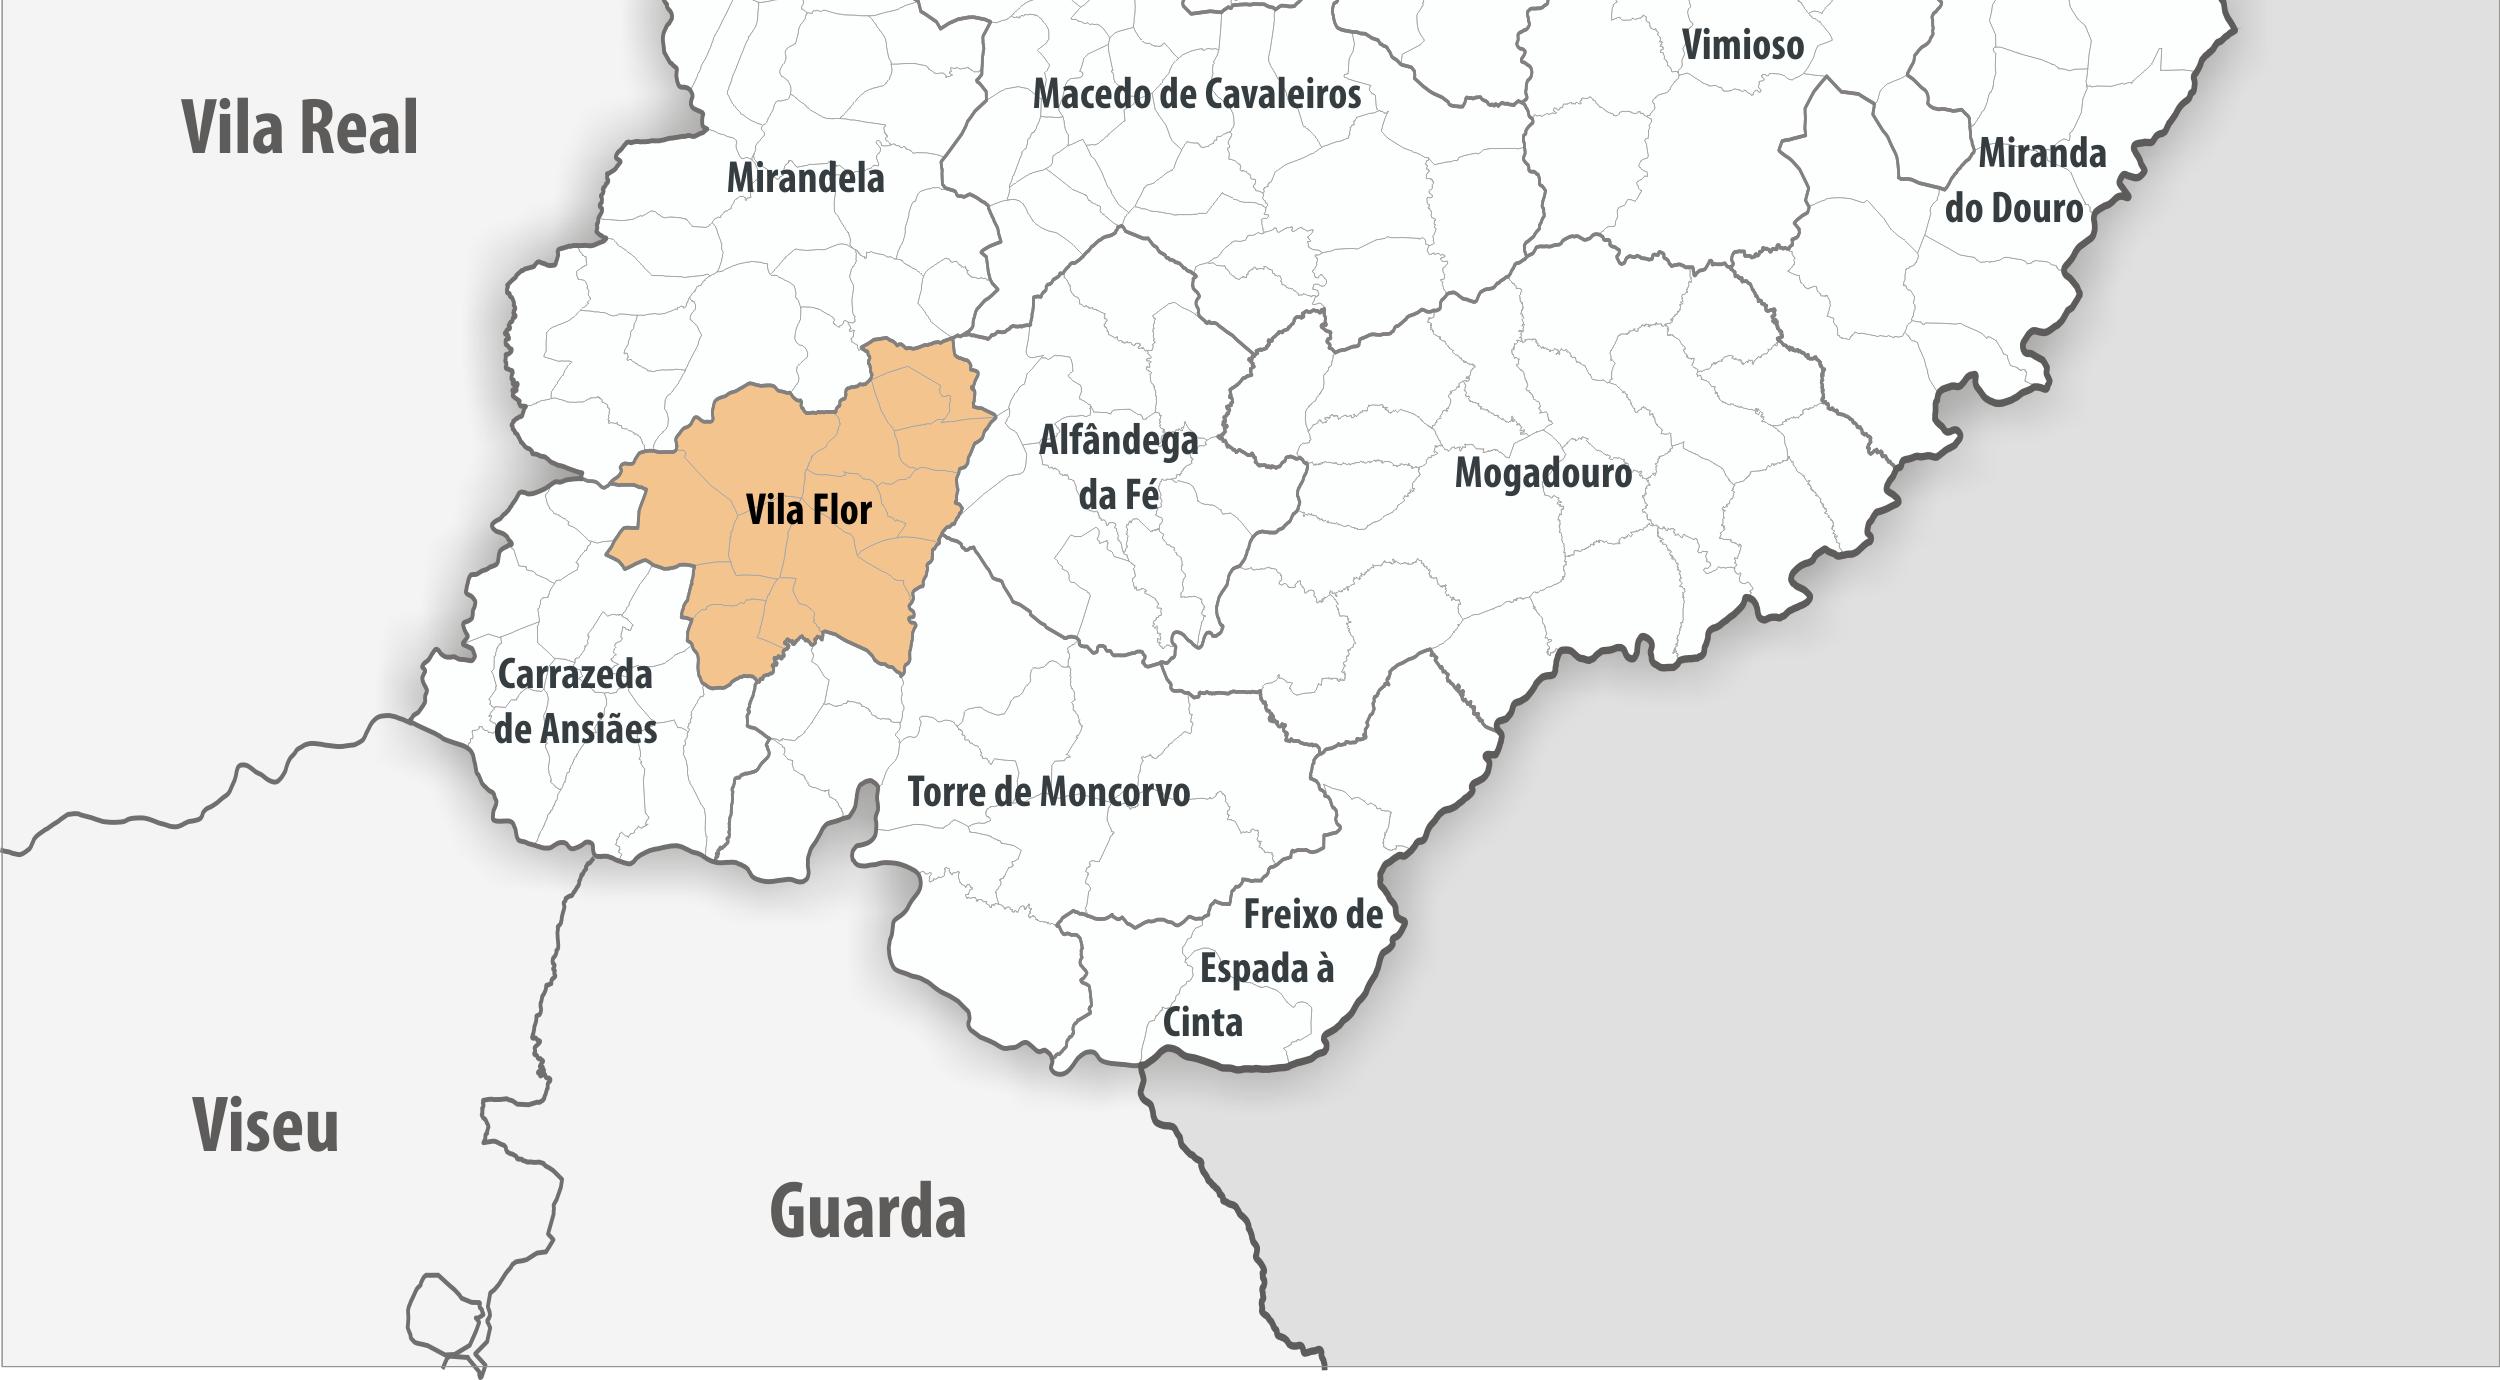 Radiografias Concelhias: Vila Flor